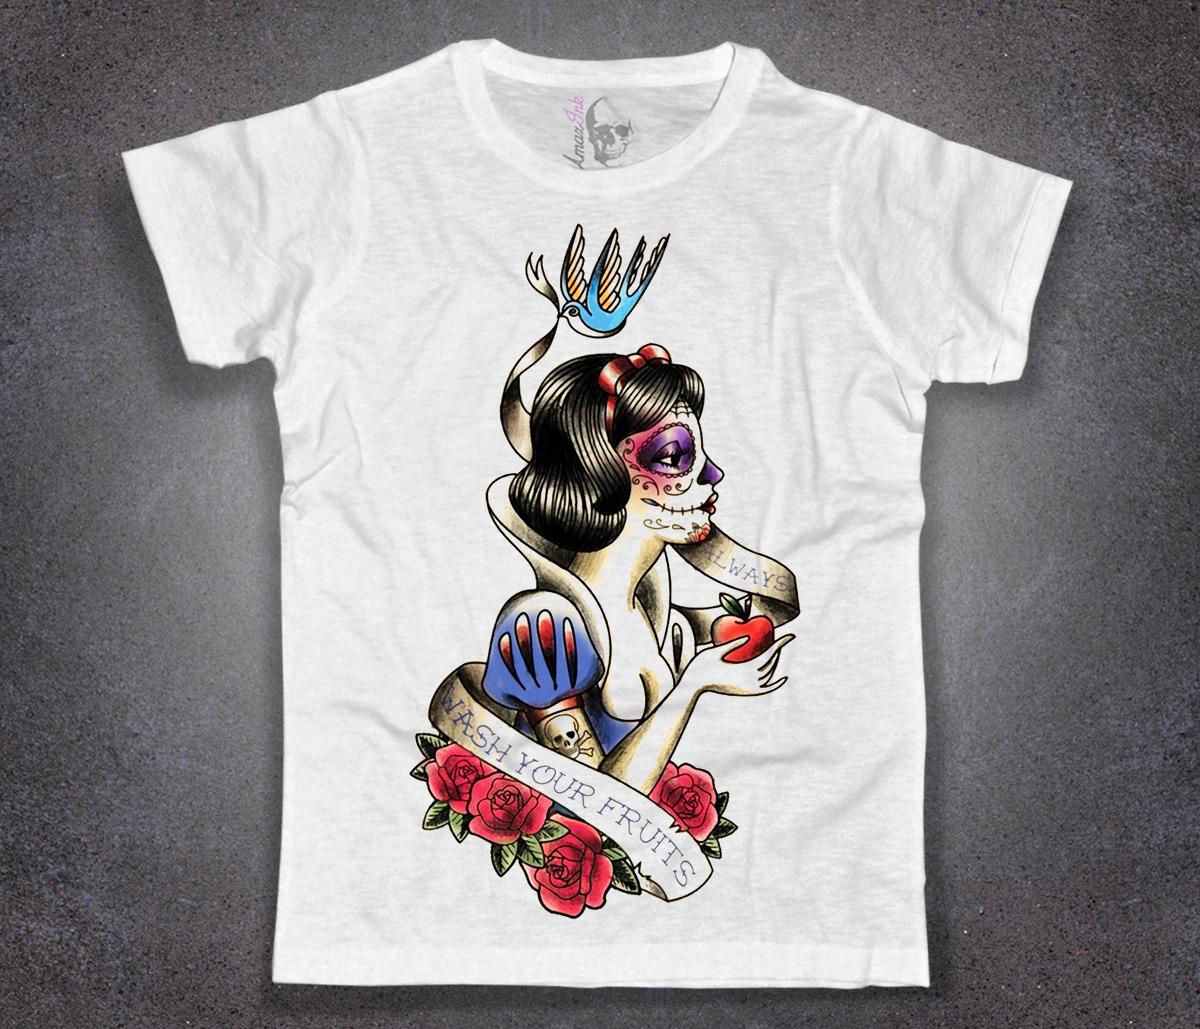 Biancaneve Uomo Shirt Tatuata Amazink T 1Jl5ucTFK3